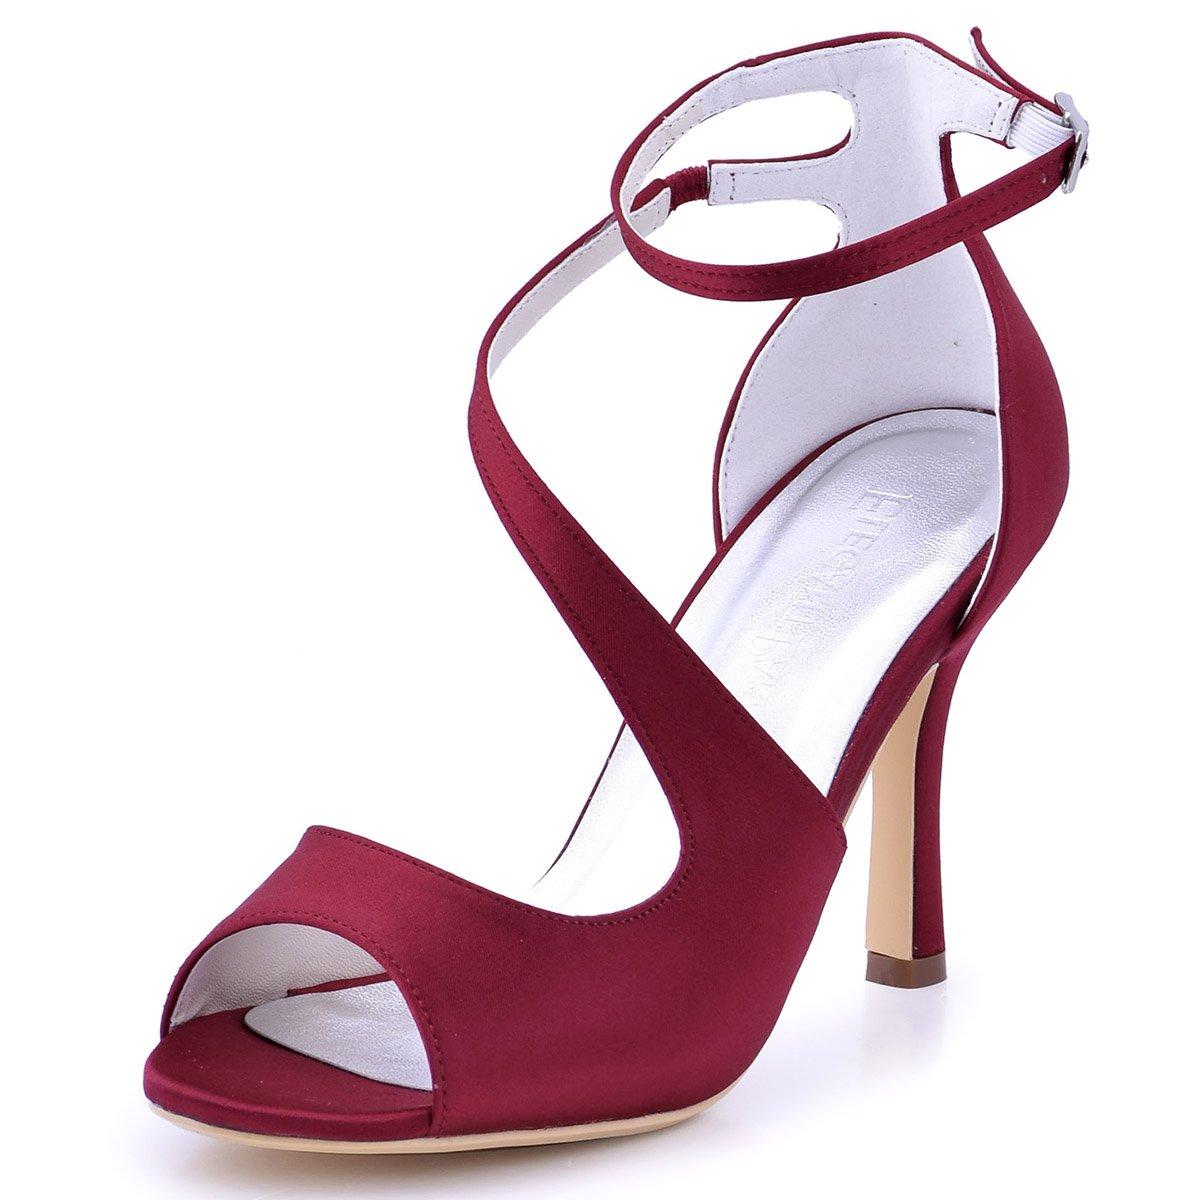 ElegantPark Satin HP1505 Sandales Escarpins Femme Bout Bal Ouvert Diamant Btide Cheville Boucle Sandales Chaussures de mariee Bal Satin Burgundy 56a4c04 - boatplans.space